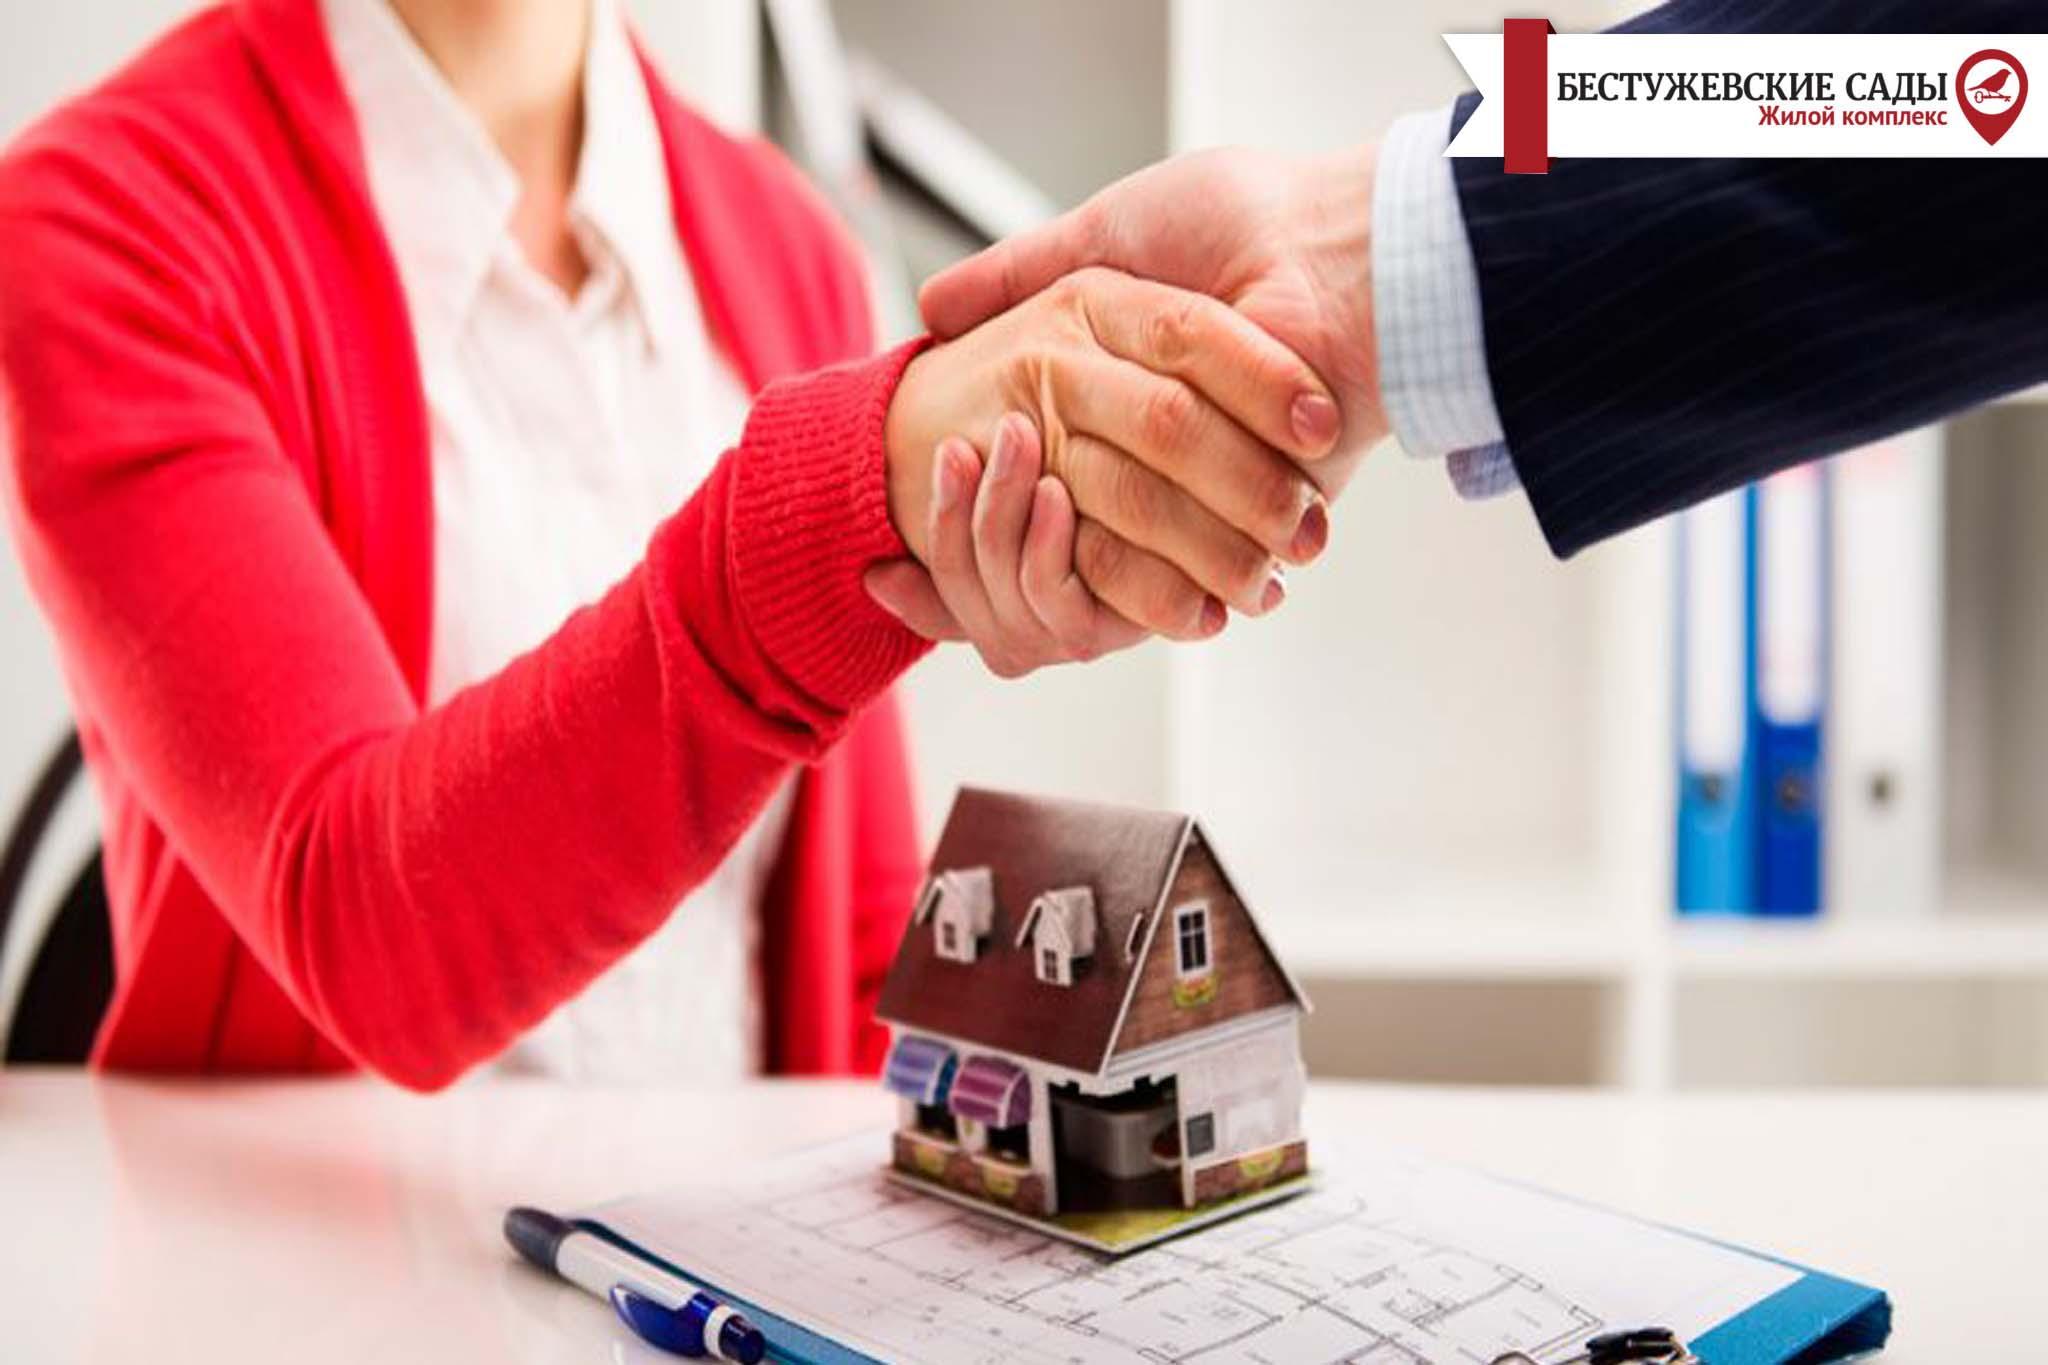 Как найти порядочного арендатора квартиры? Топ-5 советов